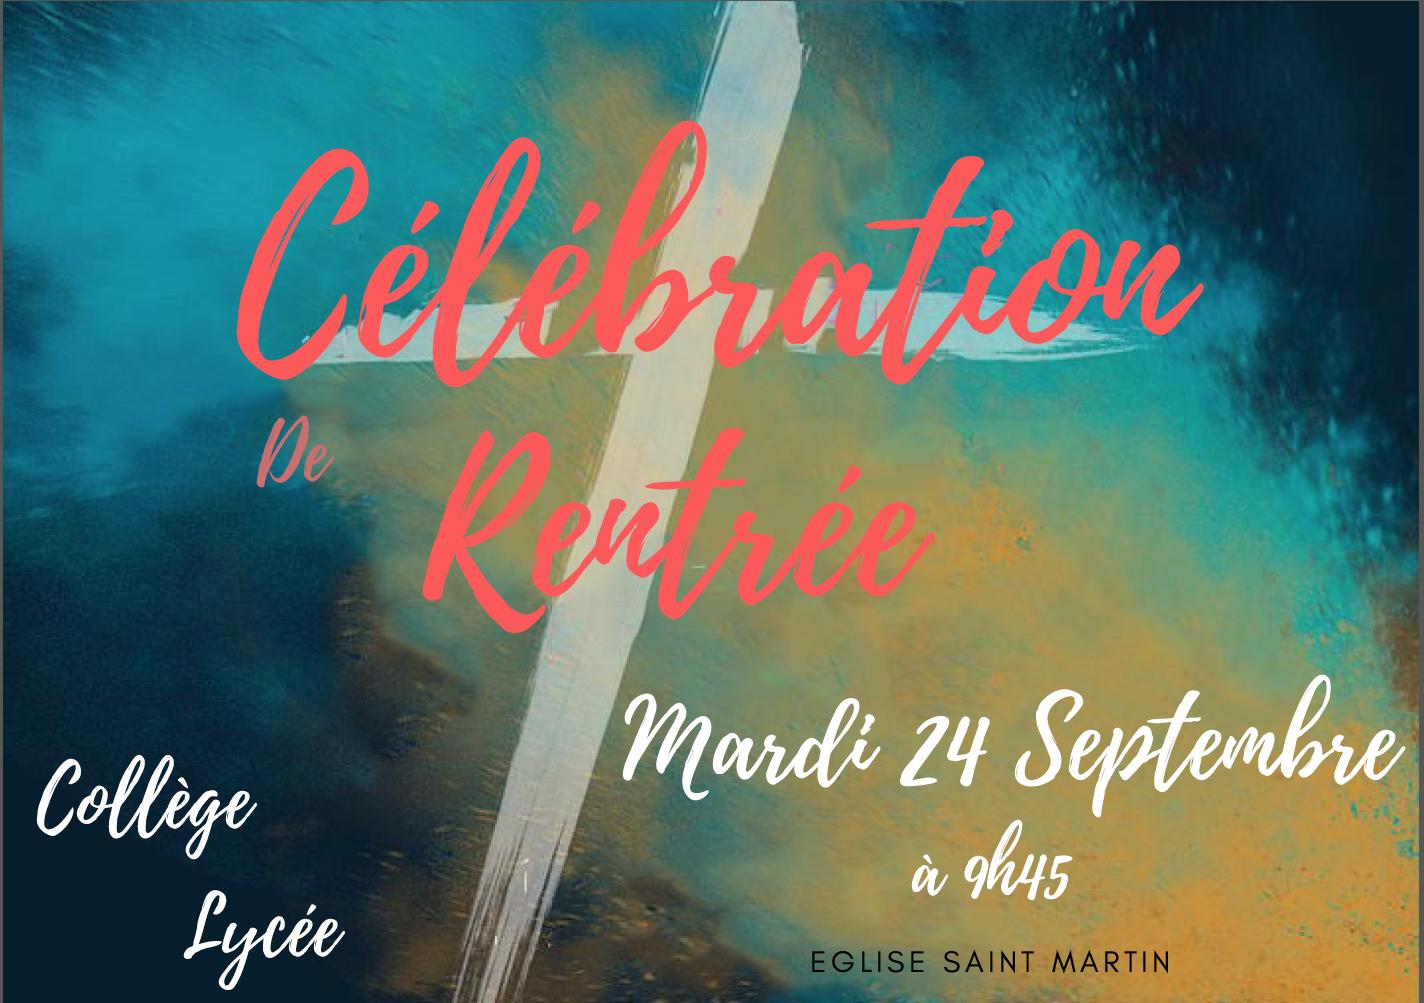 Célébration de Rentrée (Collége et Lycée)